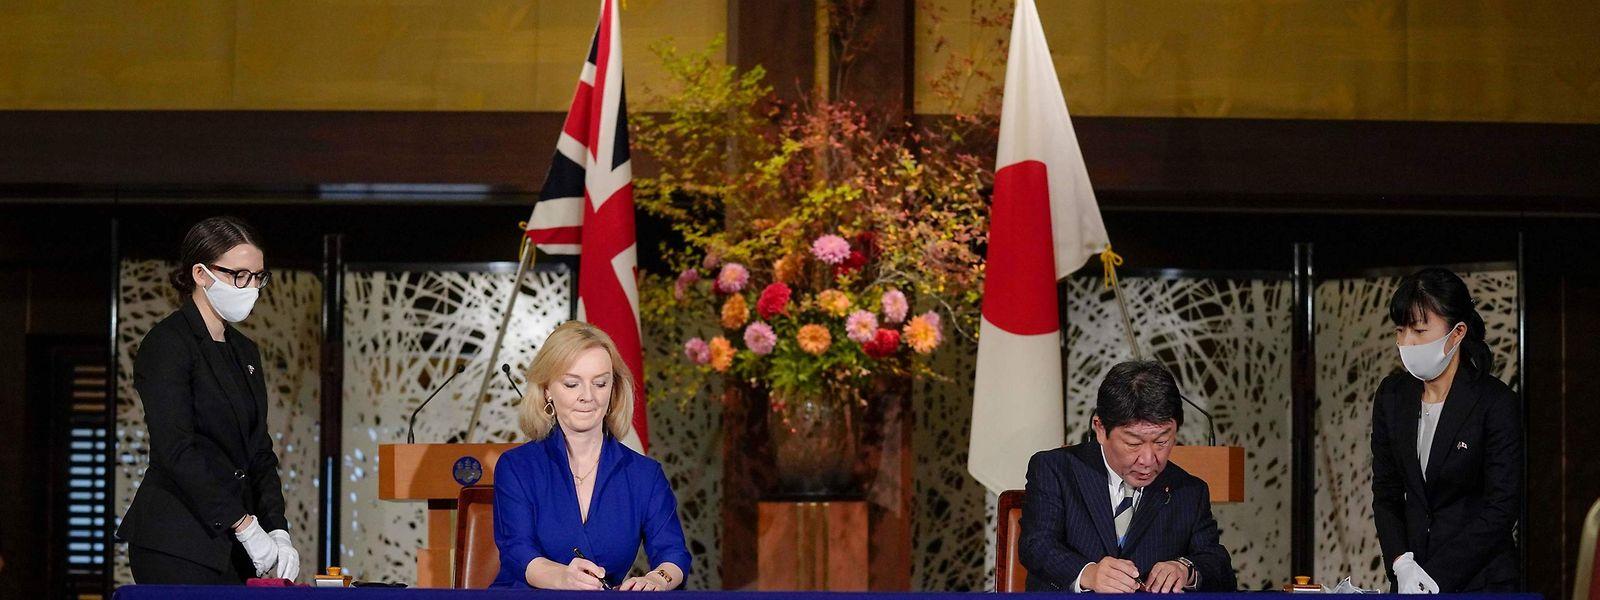 Japans Außenminister Toshimitsu Motegi und die britische Ministerin für internationalen Handel, Liz Truss, unterzeichneten am Freitag in Tokio ein bilaterales Handelsabkommen.